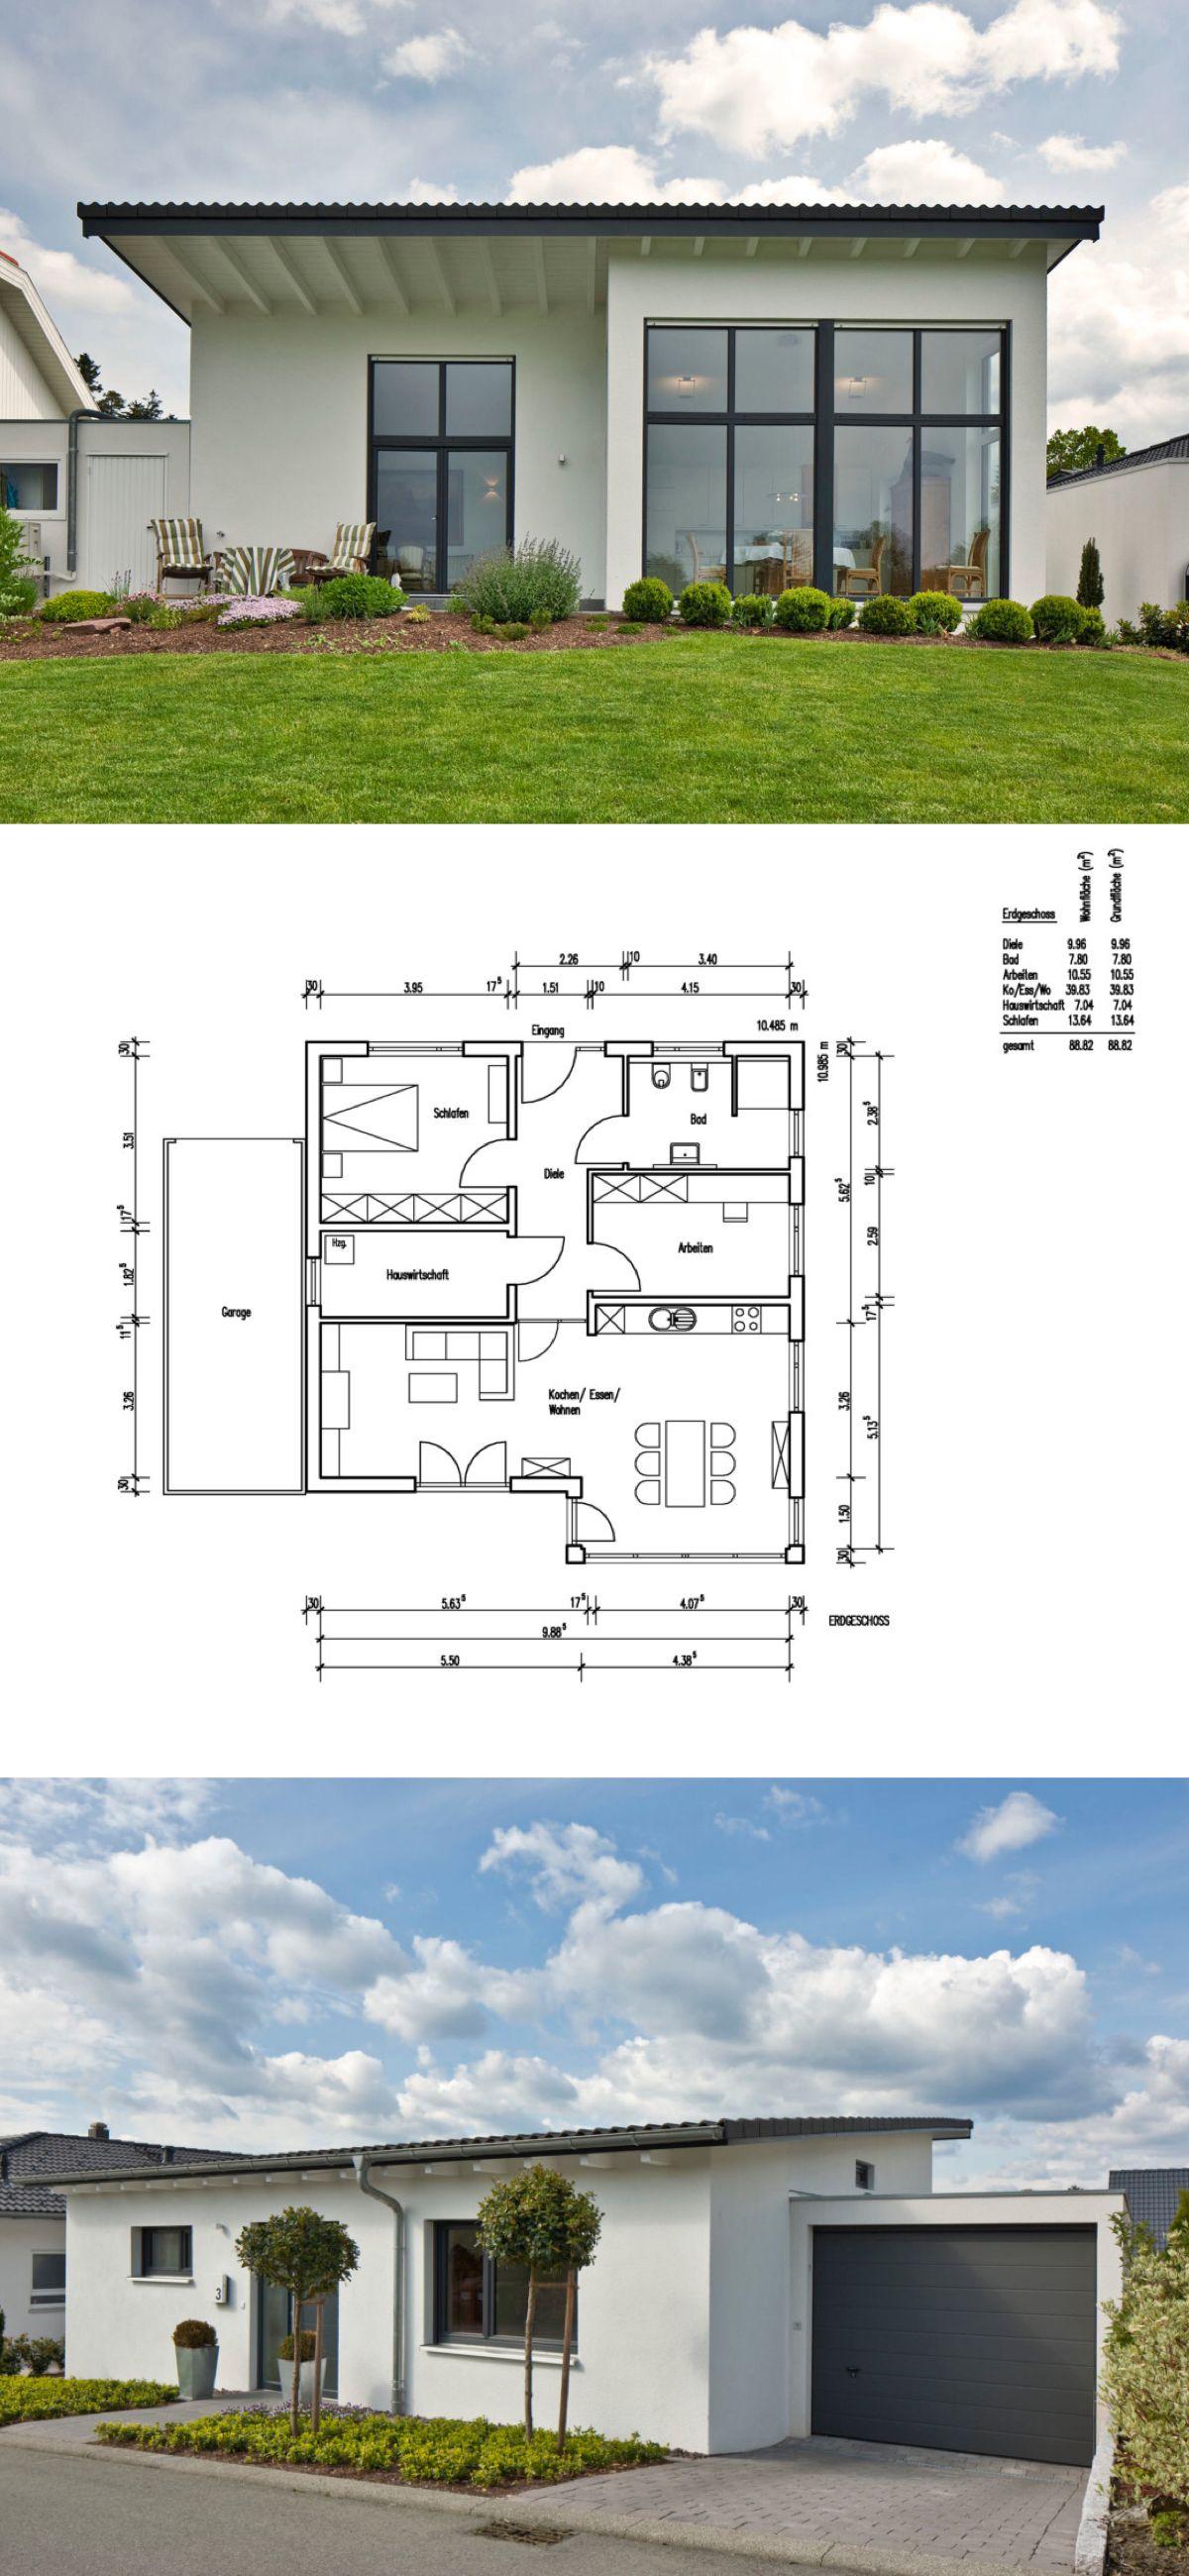 bungalow haus grundriss mit garage und pultdach architektur einfamilienhaus bauen massivhaus. Black Bedroom Furniture Sets. Home Design Ideas